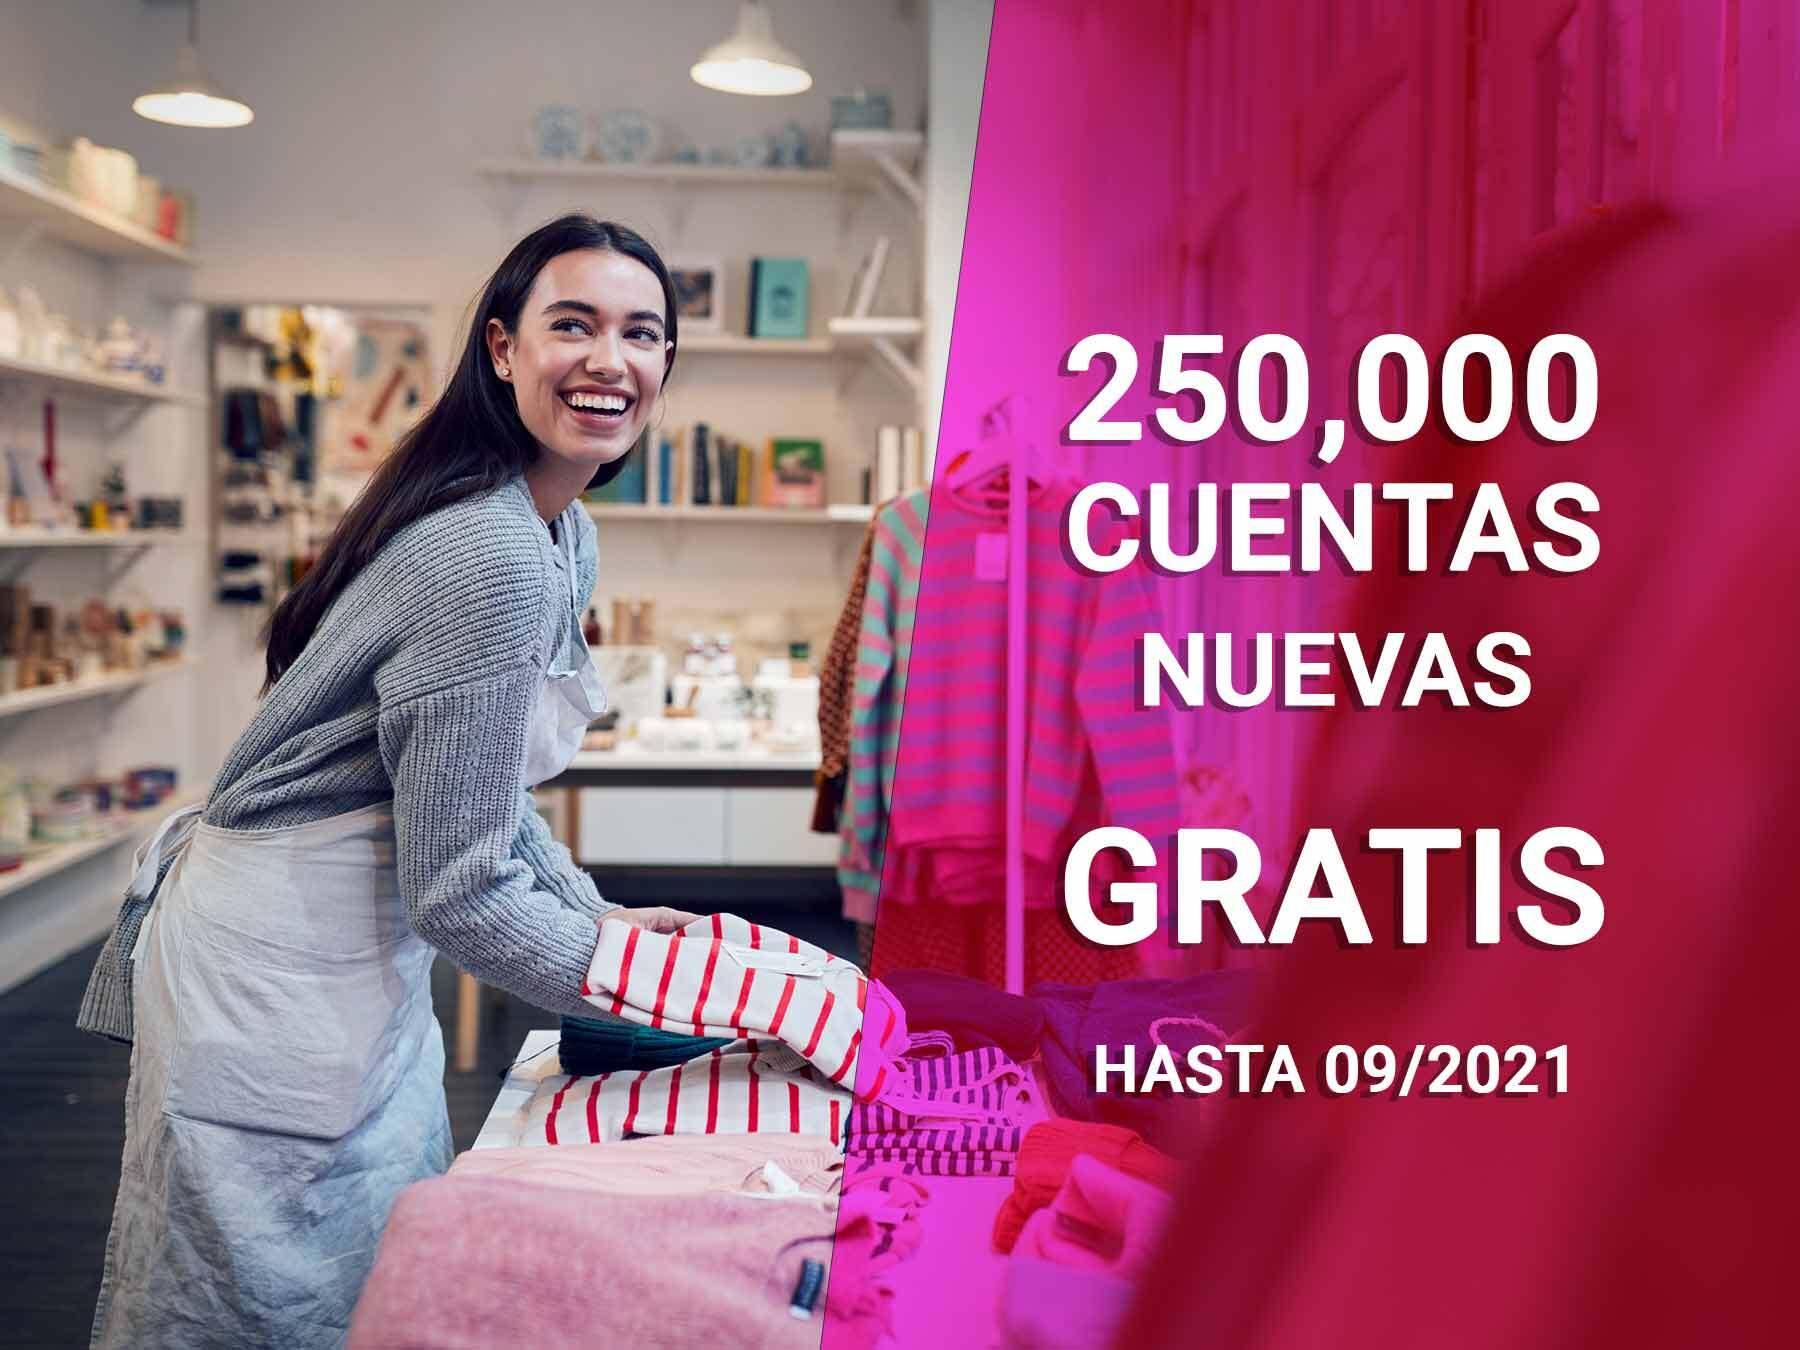 rankingCoach lanza 250.000 cuentas nuevas de rankingCoach FREE